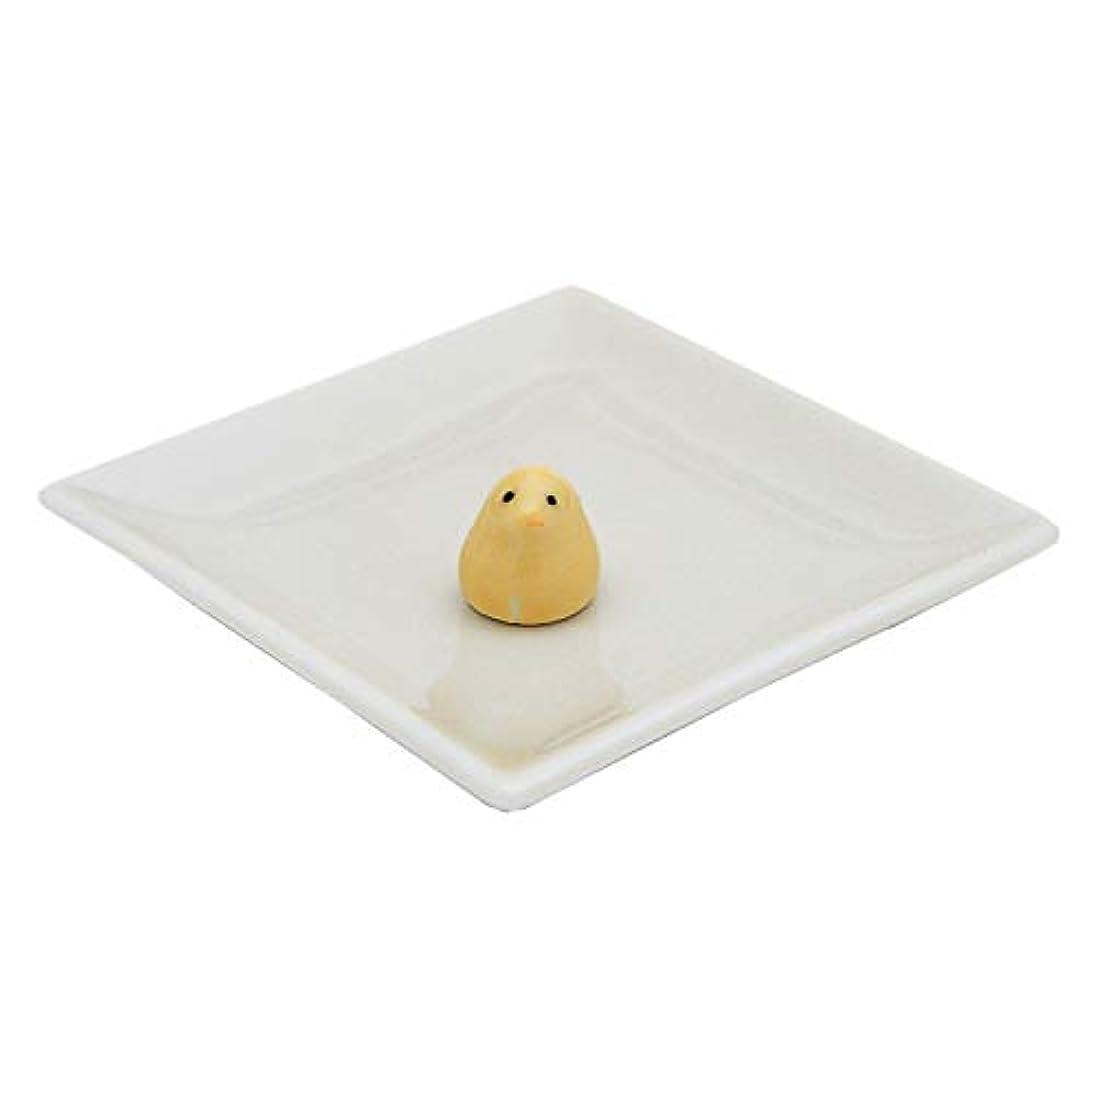 不一致リビングルームバルセロナ陶器香皿&ヒヨコ香立(アイボリー)